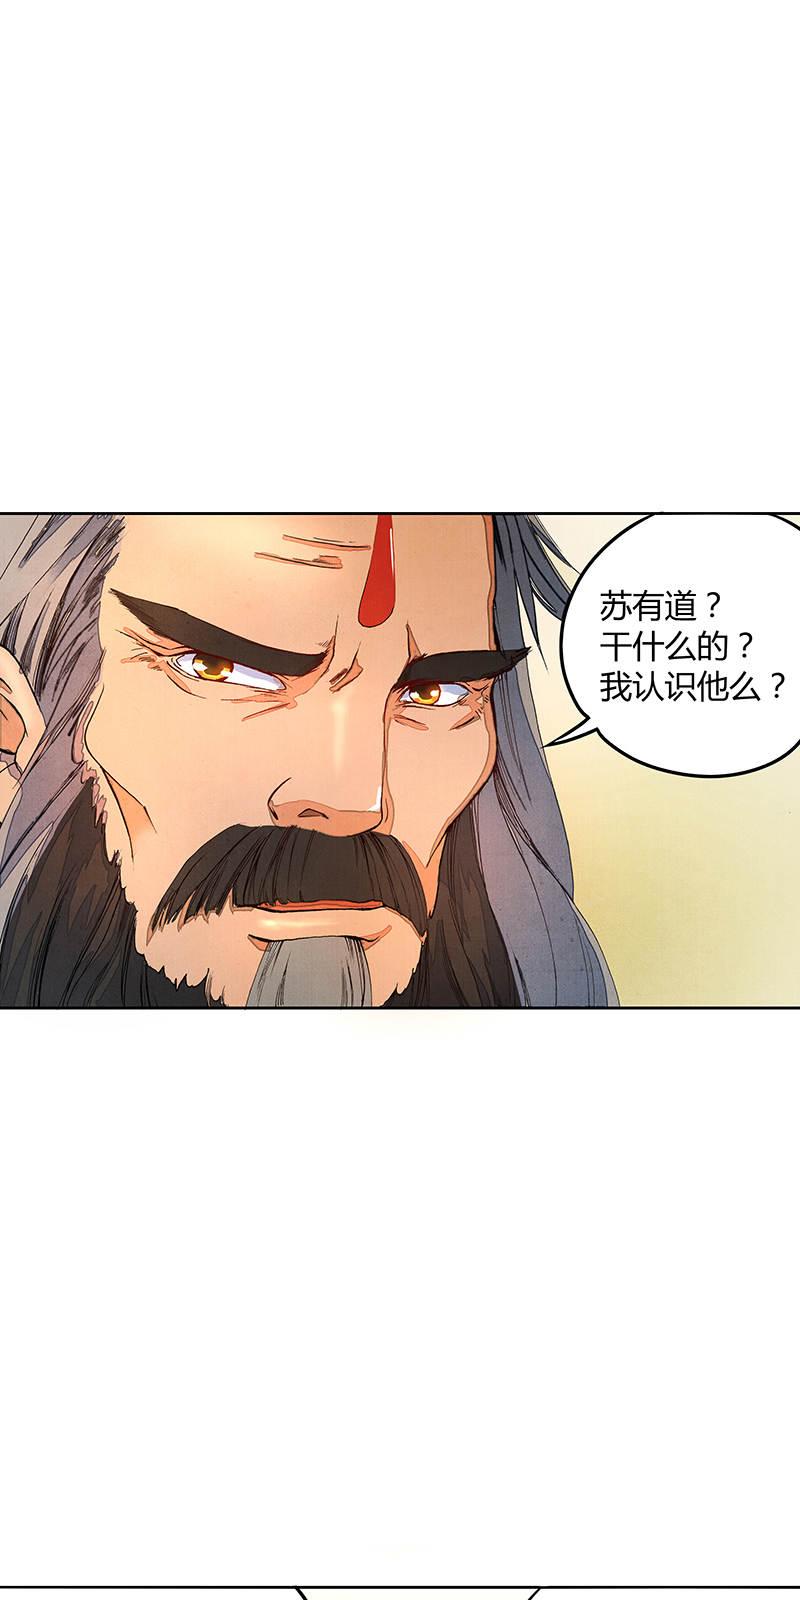 逍遥游第28话  武府堂前充神算 第 7